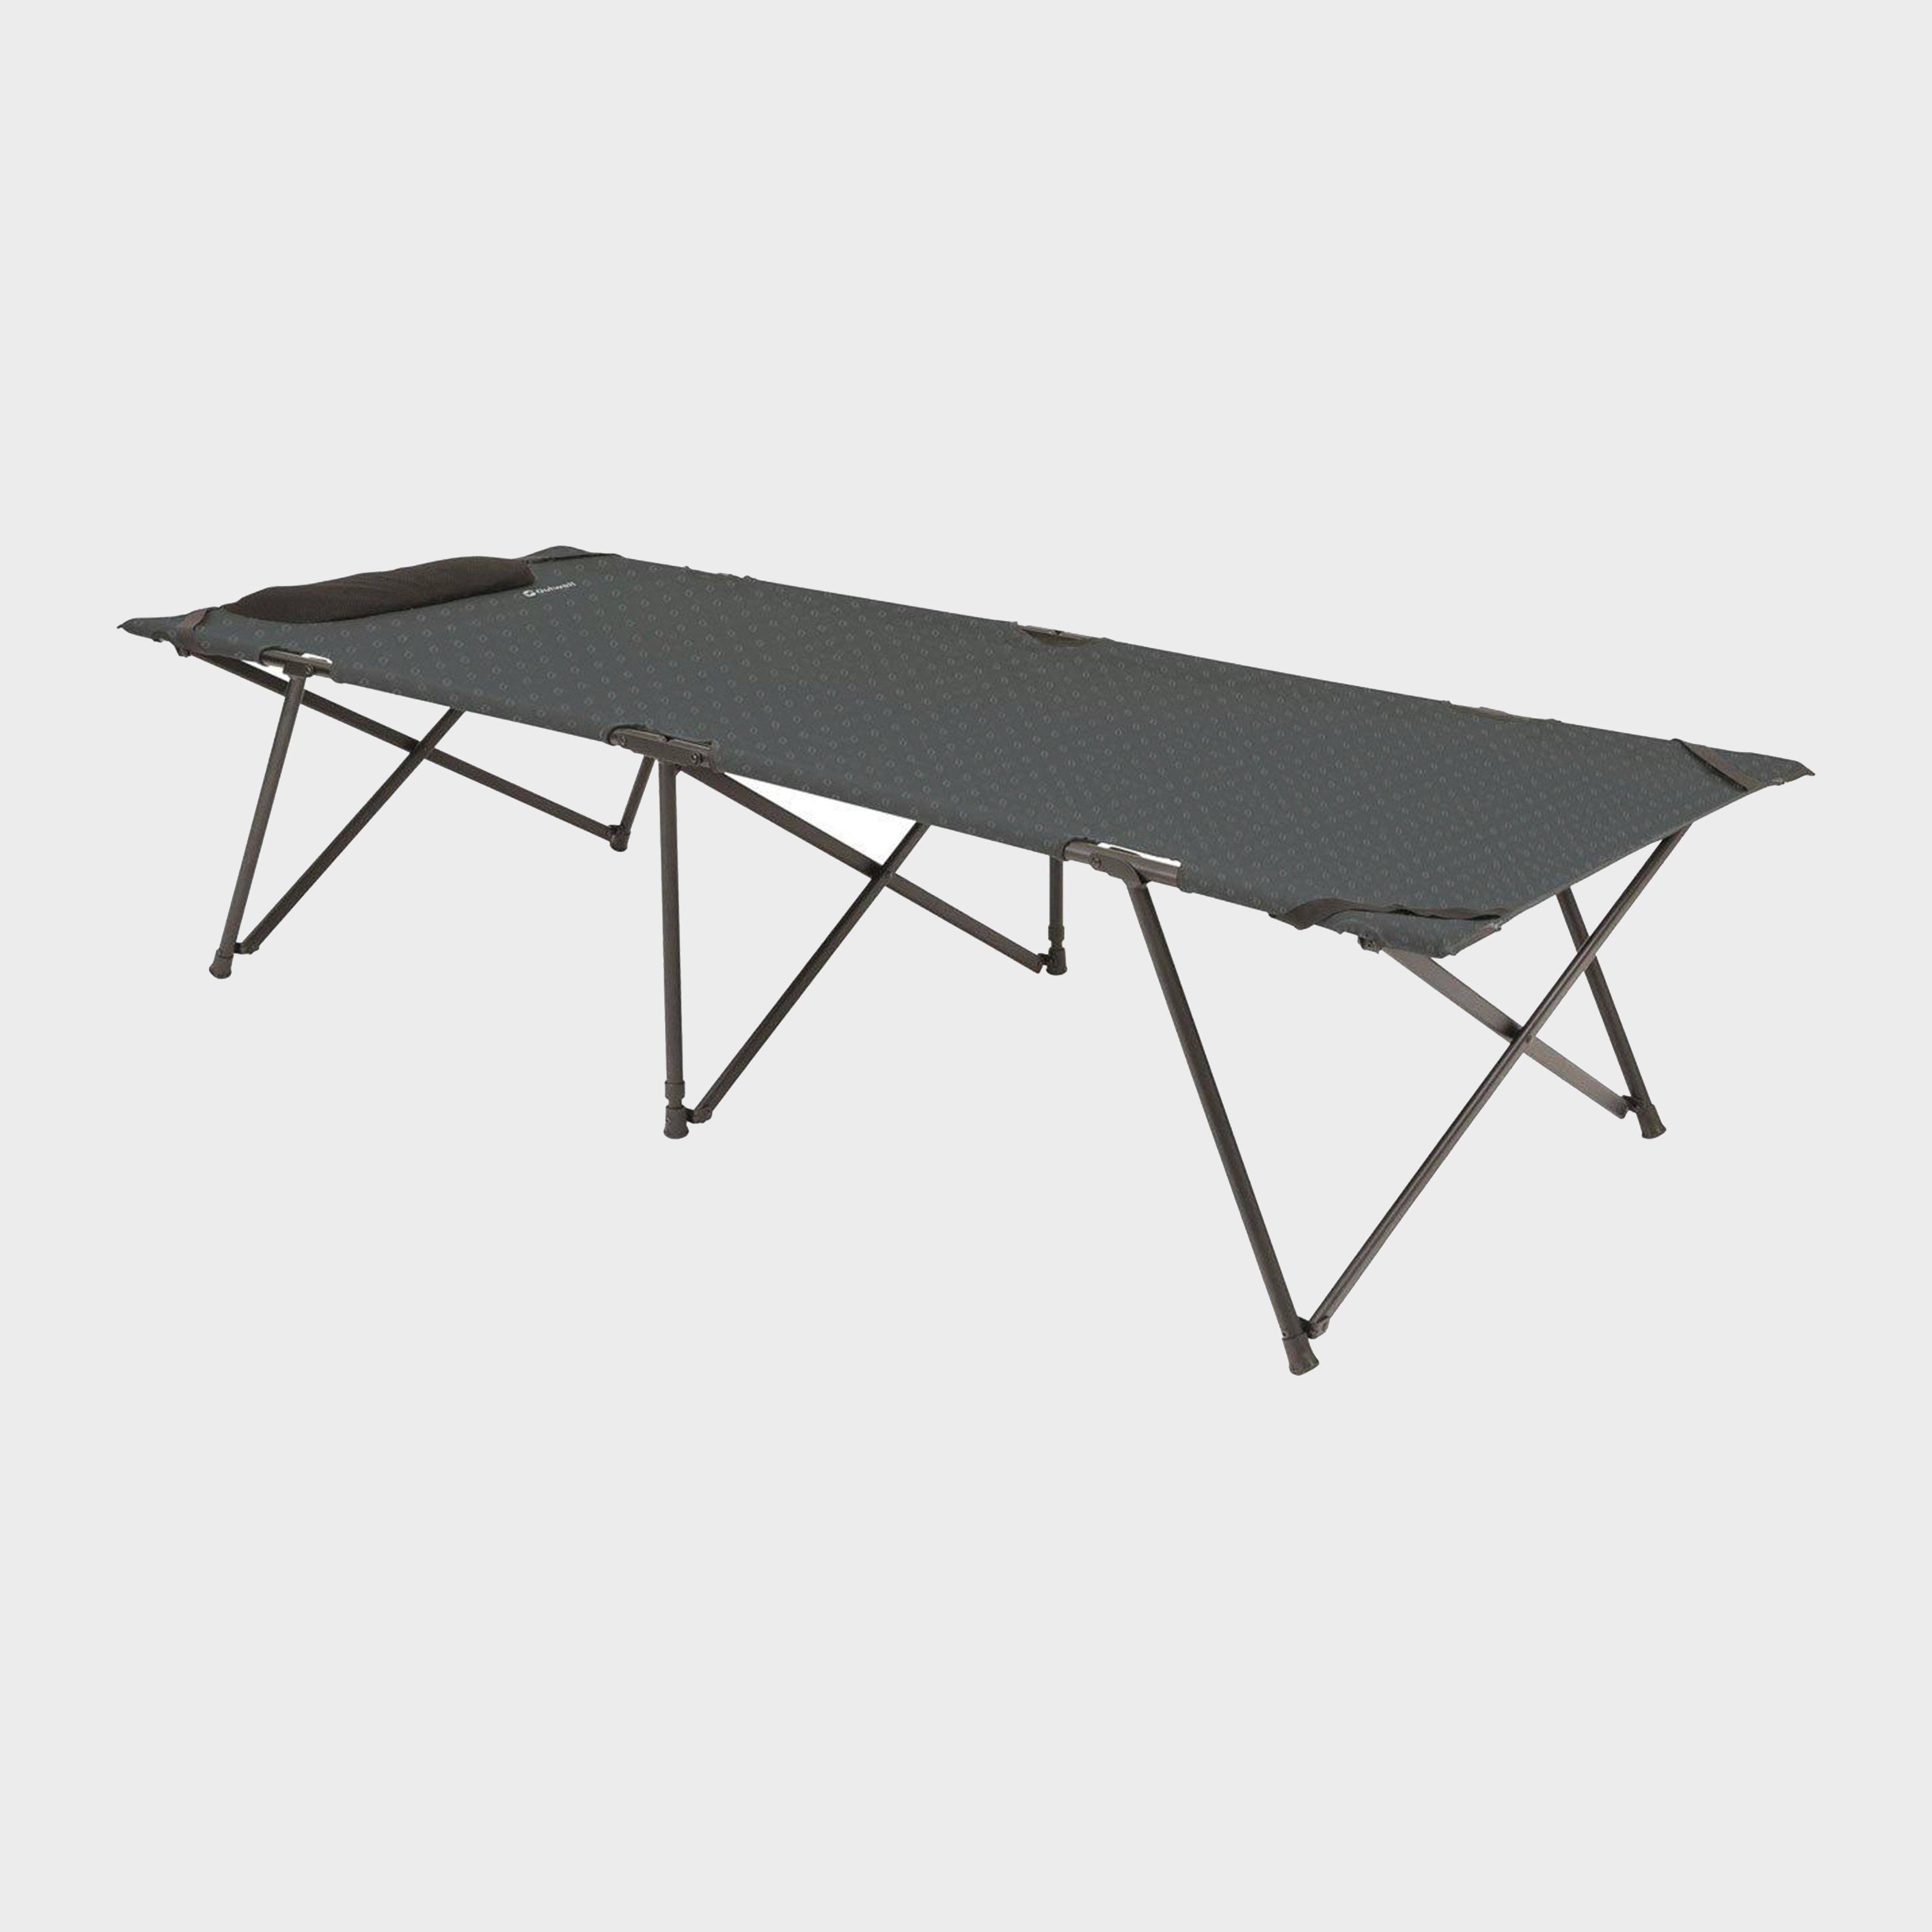 Outwell Outwell Posadas XL Foldaway Single Bed - Grey, Grey